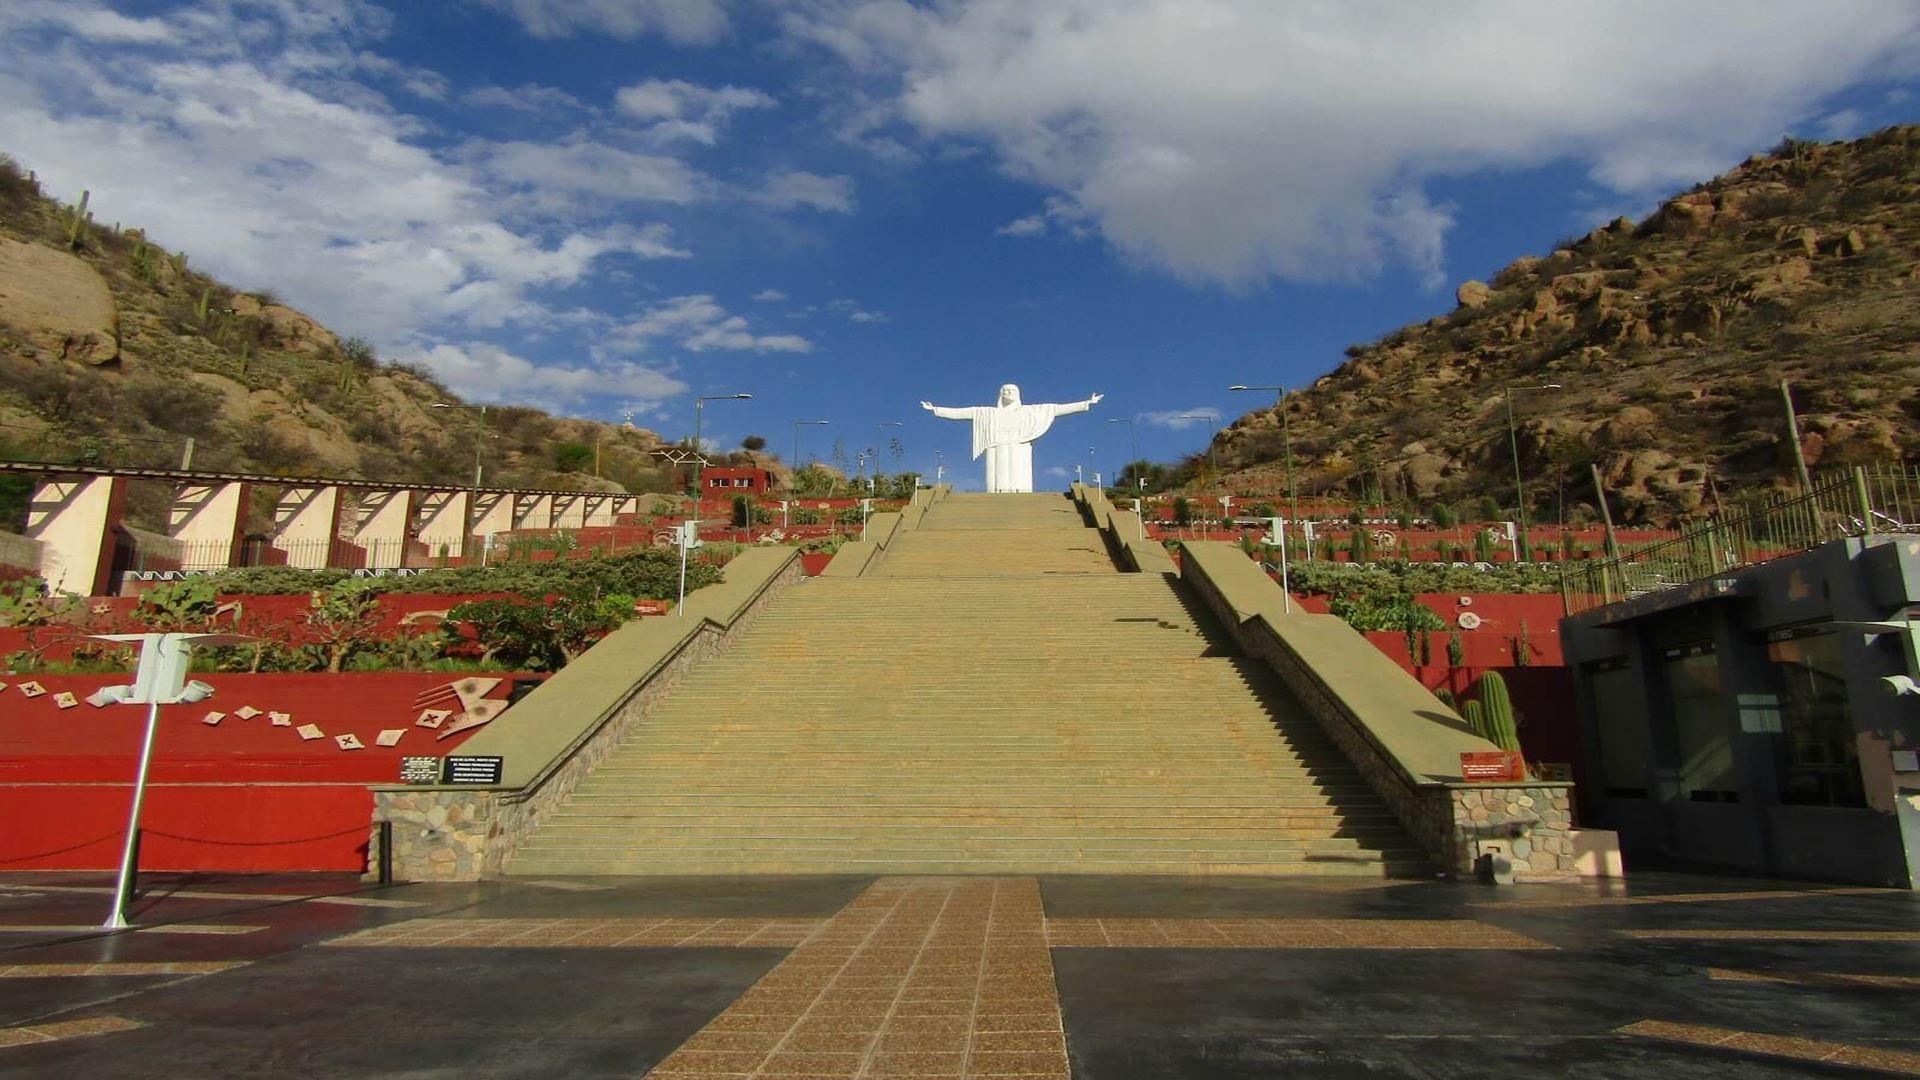 Excursion to Chilecito and Cuesta de Miranda